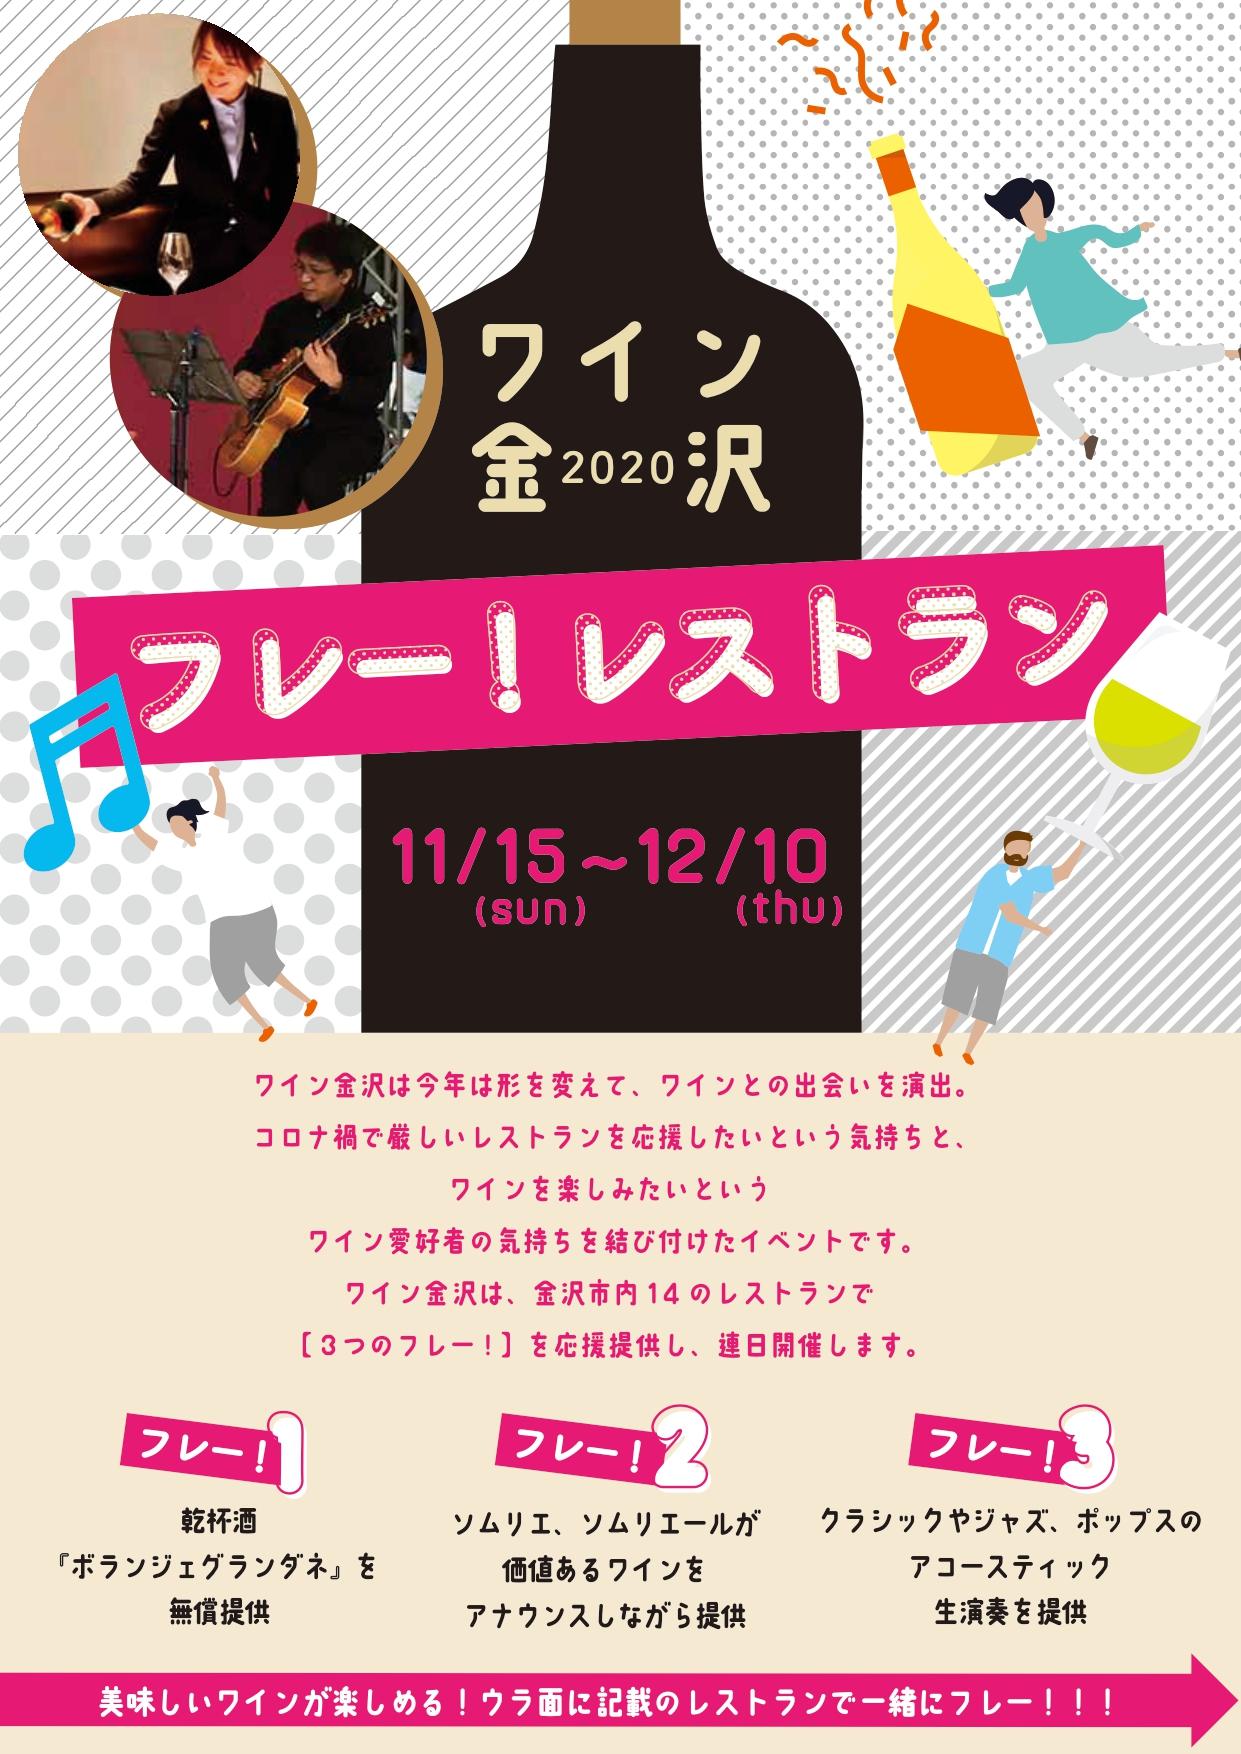 ワイン金沢2020 ~フレー!レストラン~